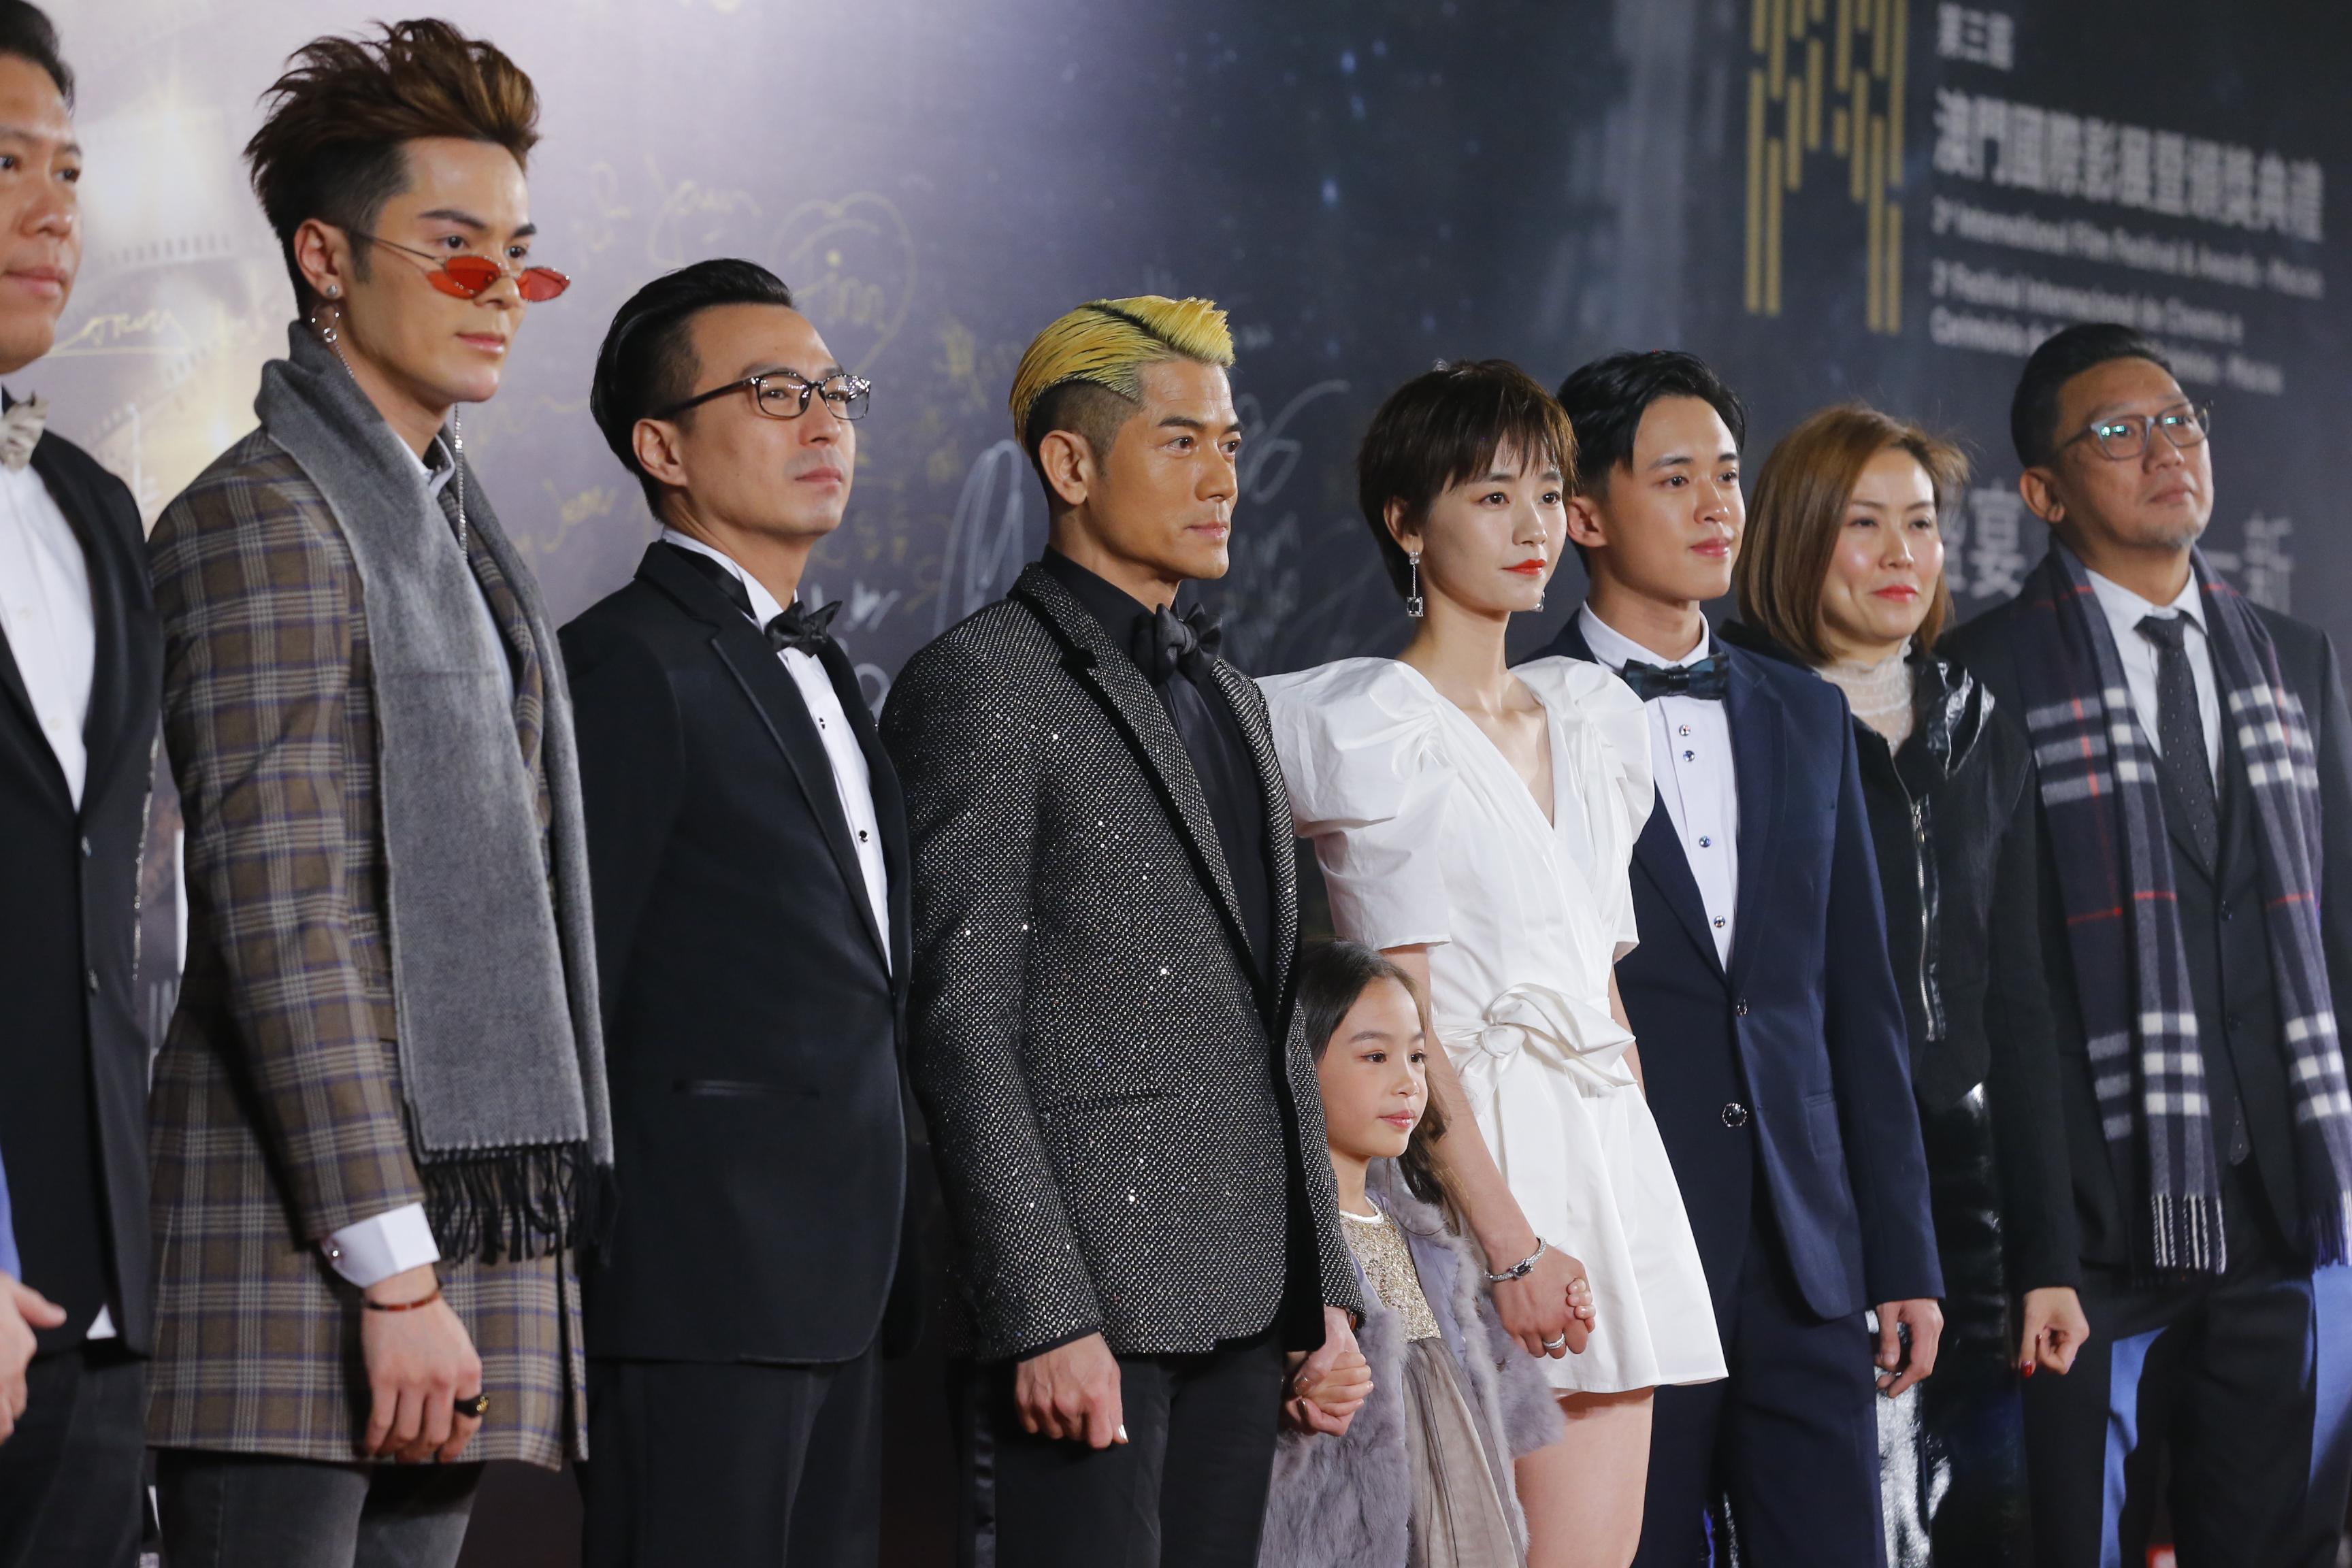 郑恺郭富城亮相澳门影展 陈凯歌获电影精神成就奖